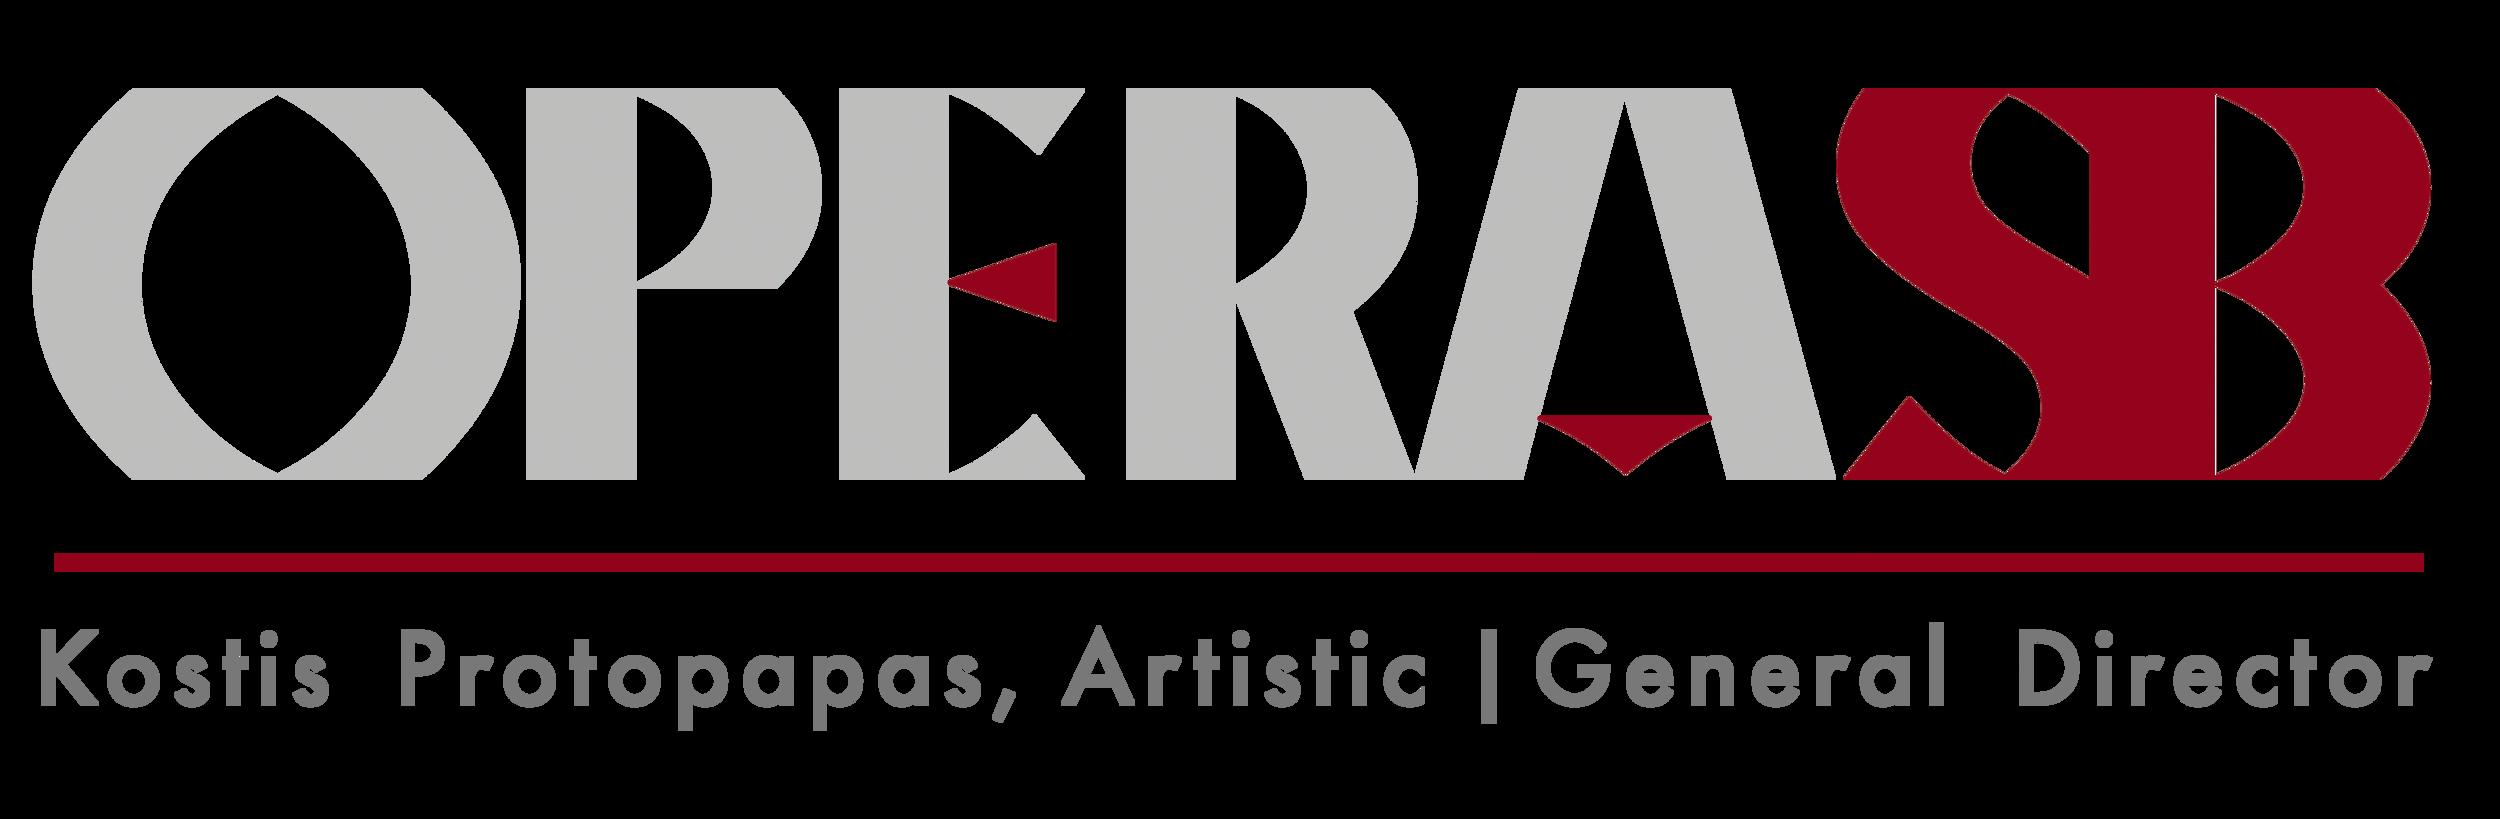 19.20 Logo.png